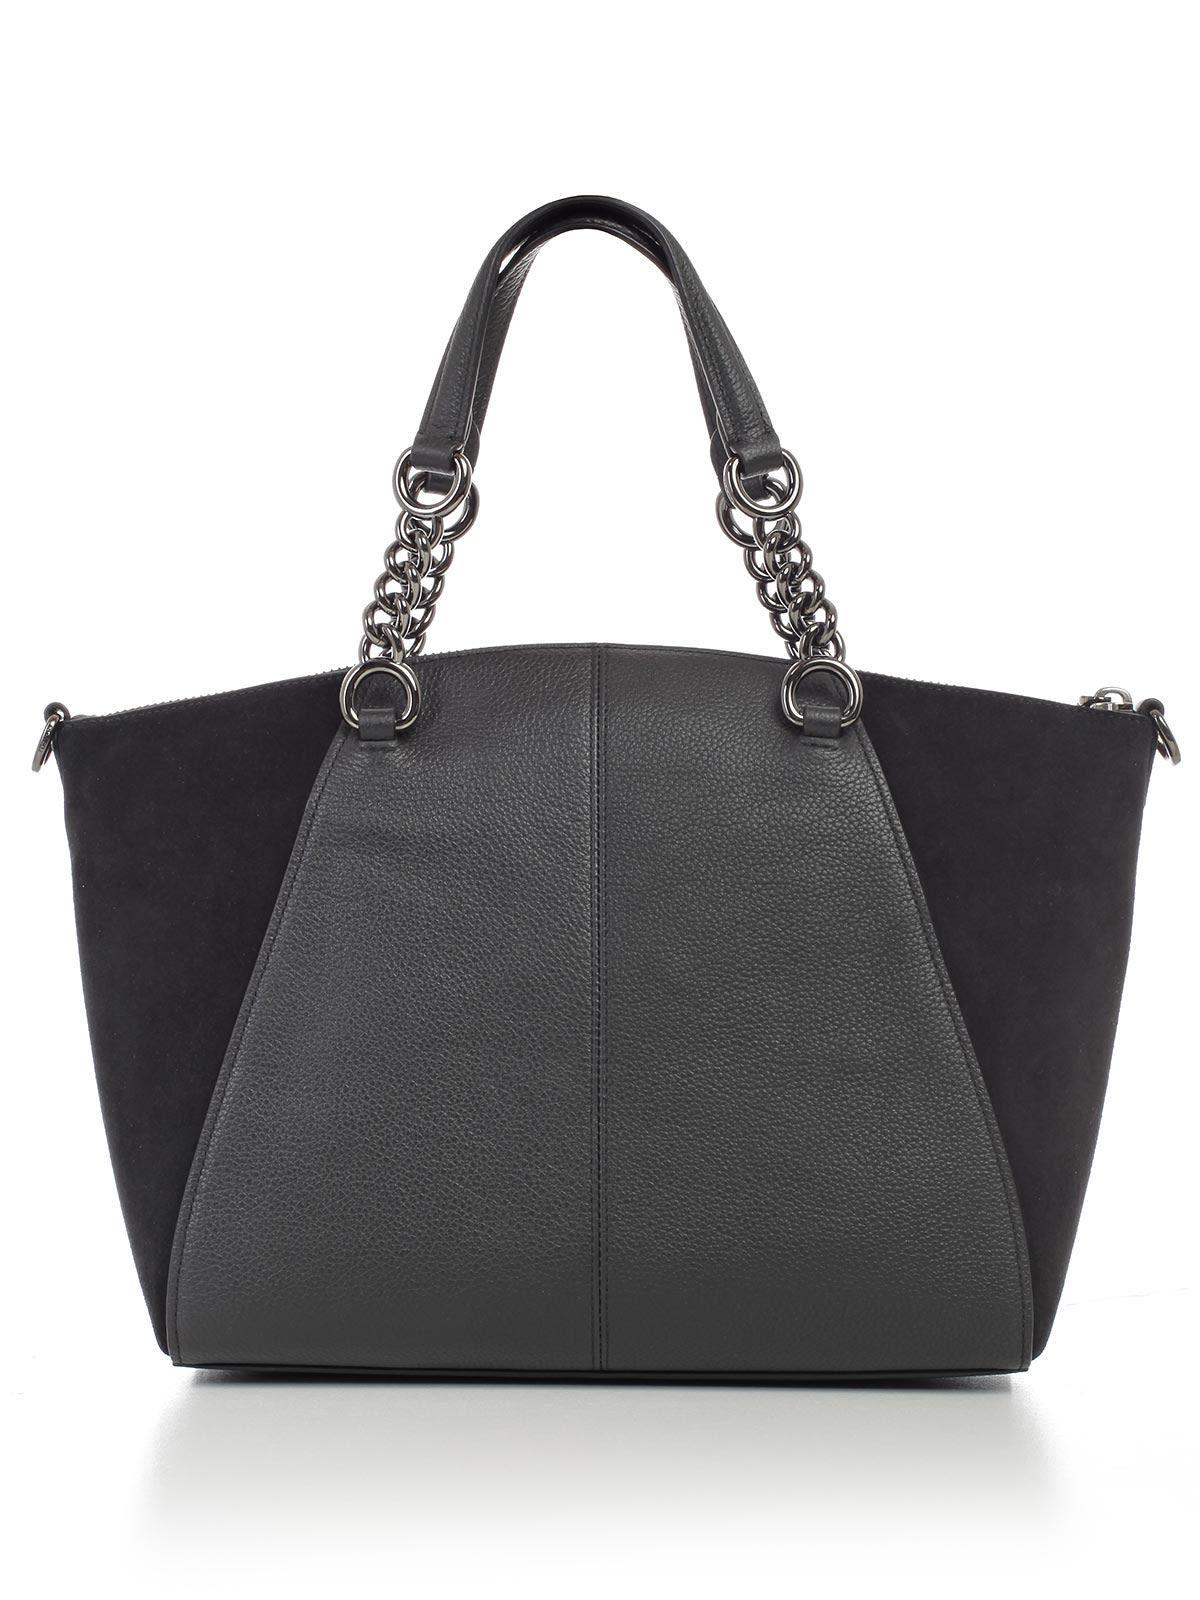 Coach Chain Prairie Leather Satchel In Dkblk Black